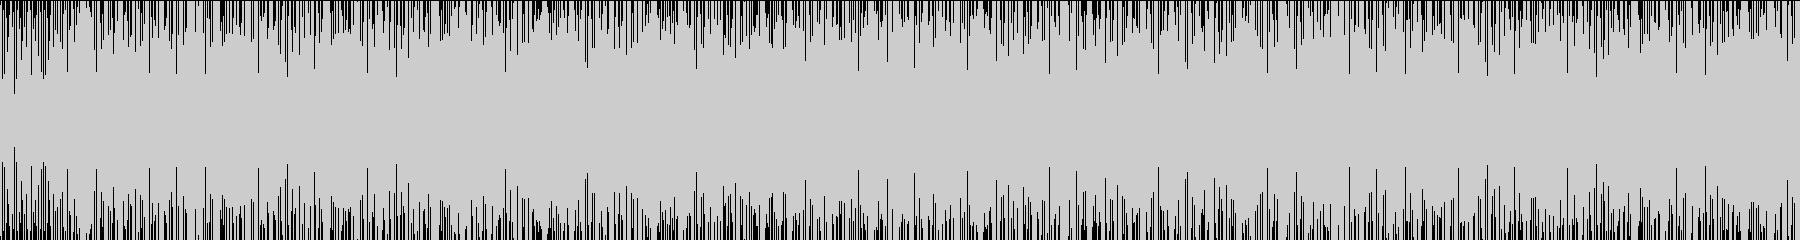 陽気なブラスサンバカーニバルの未再生の波形